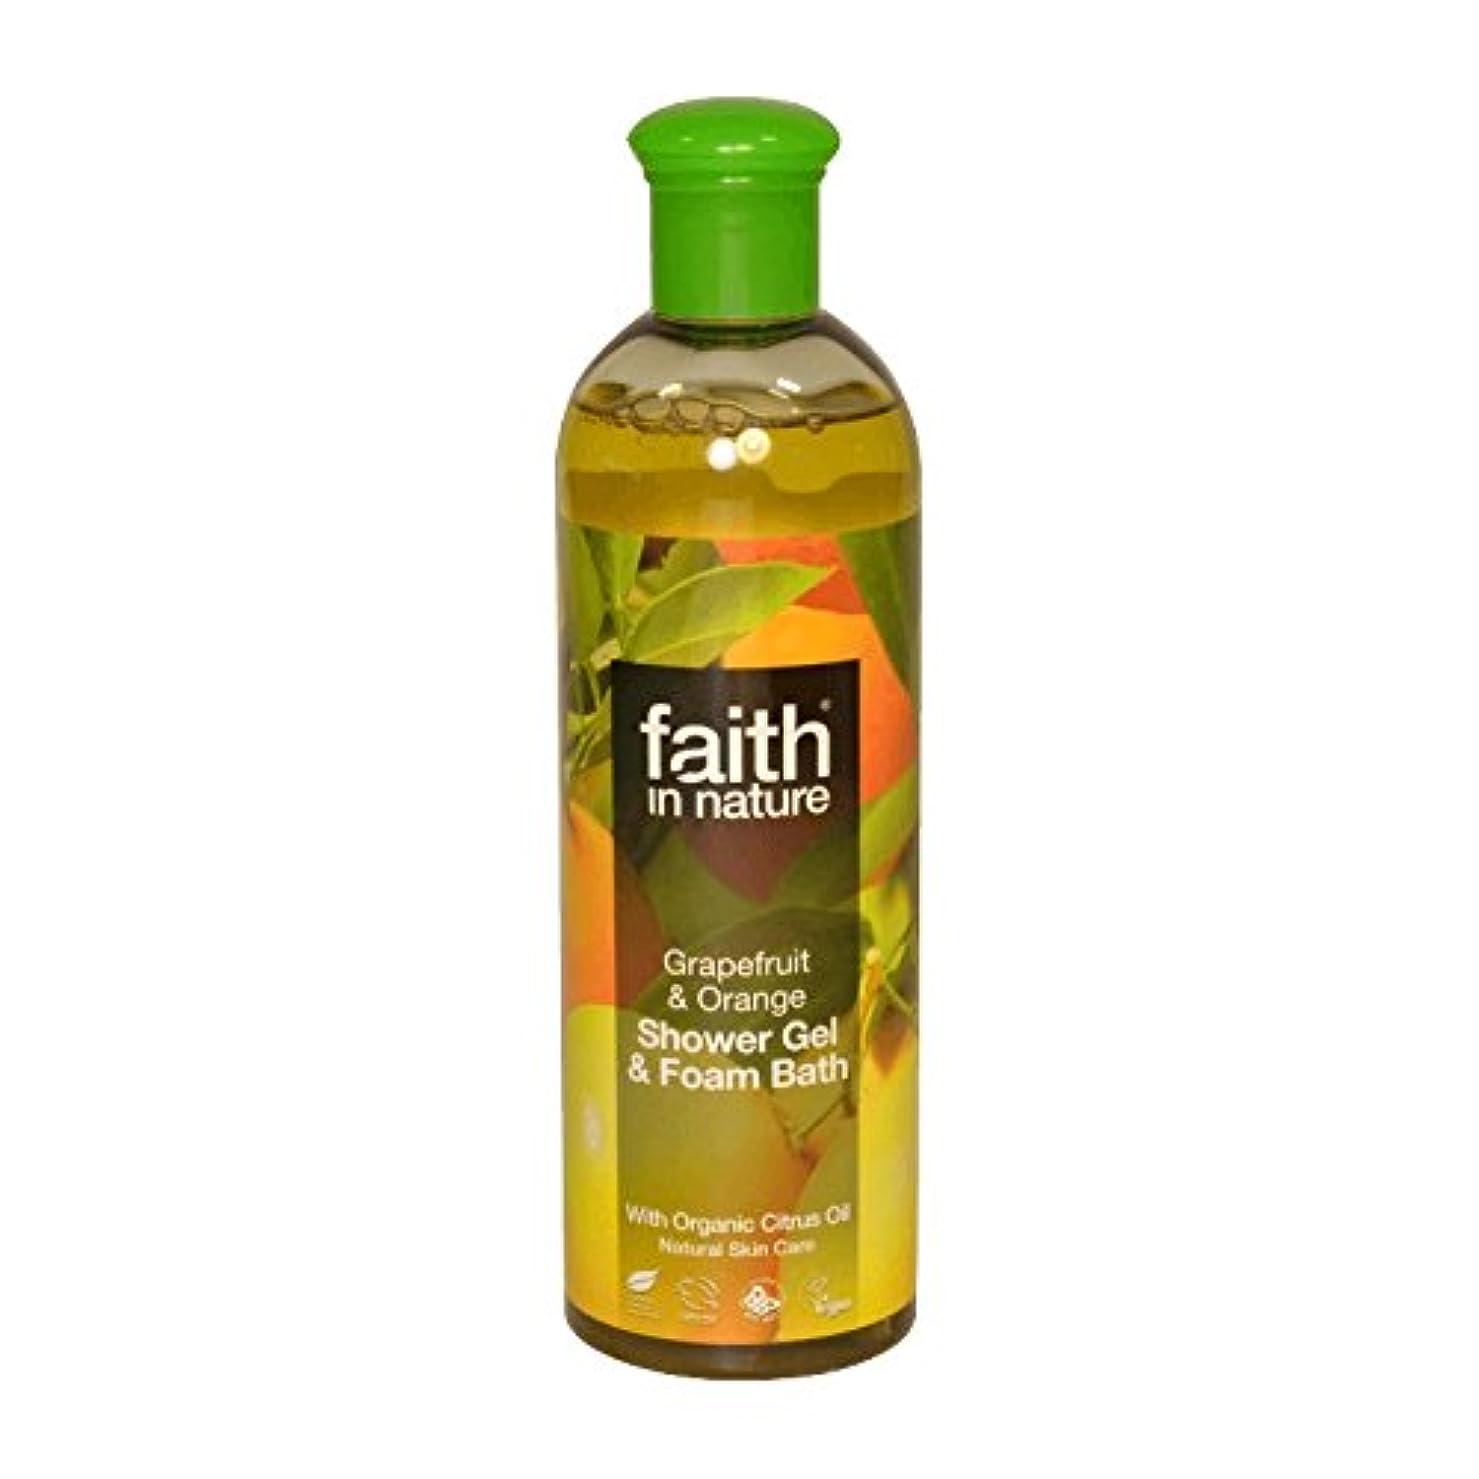 シールド核スカーフFaith in Nature Grapefruit & Orange Shower Gel & Bath Foam 400ml (Pack of 6) - 自然グレープフルーツ&オレンジシャワージェル&バス泡400ミリリットル...